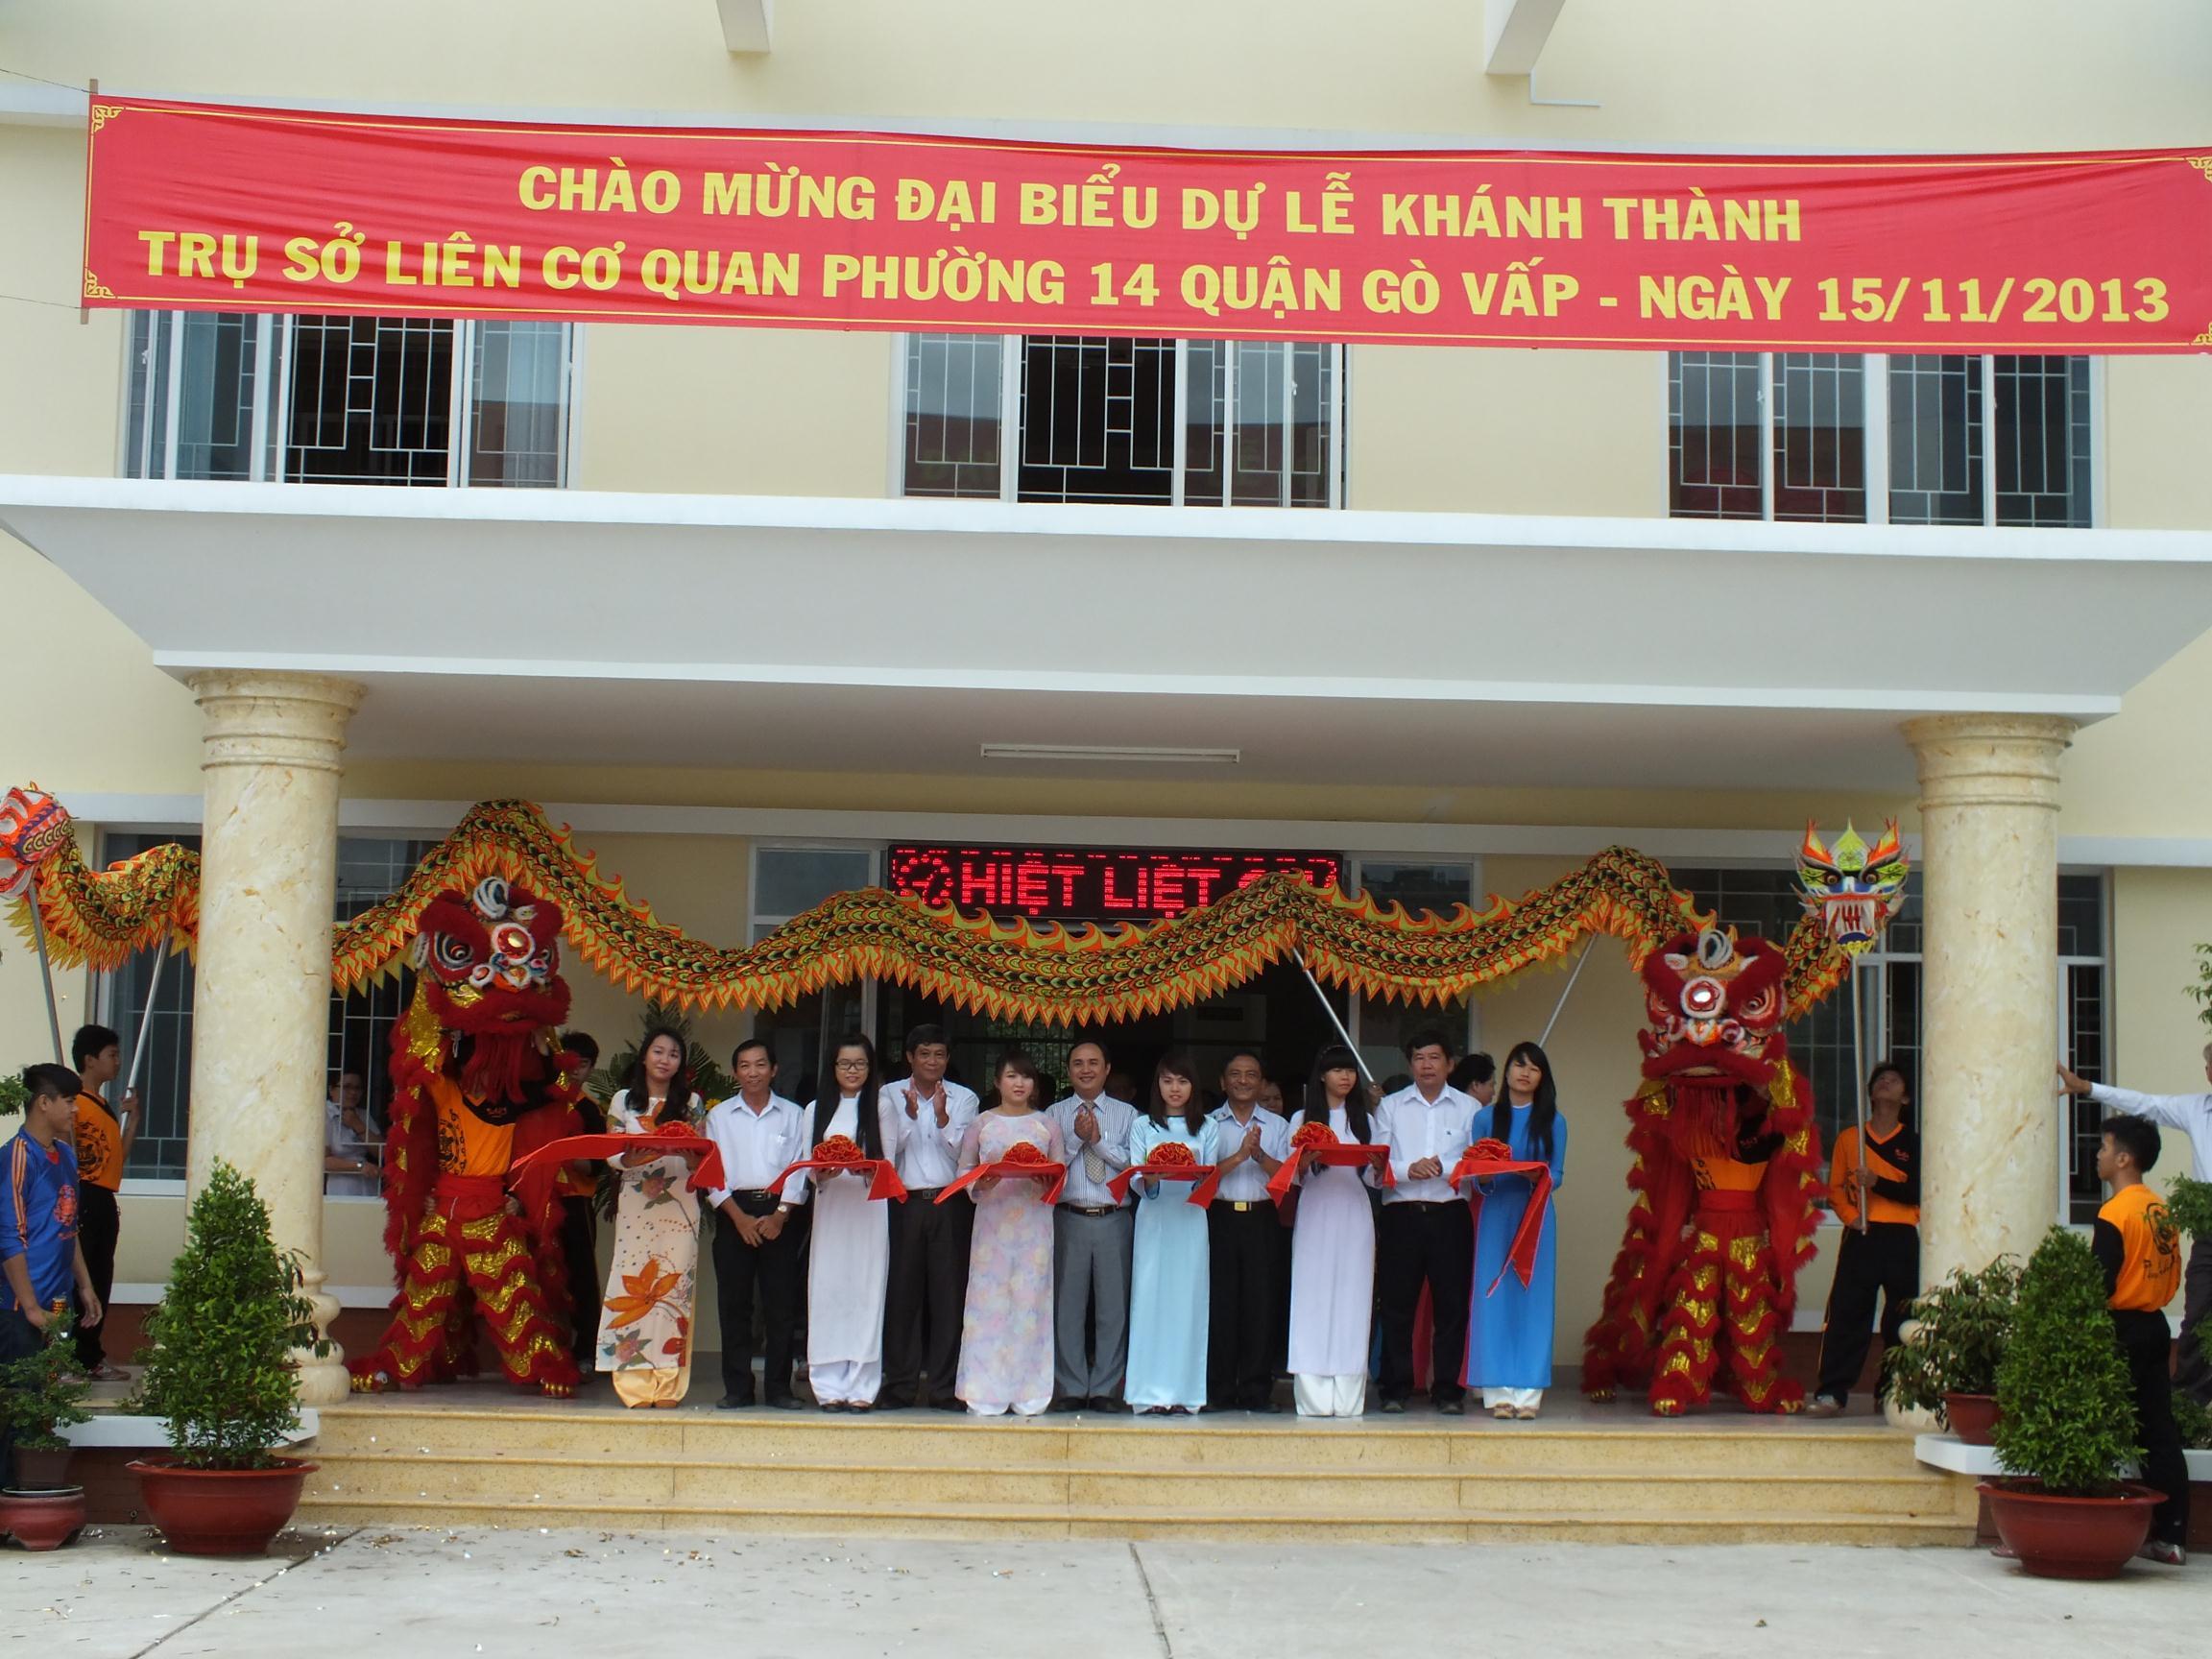 Description: http://govap.hochiminhcity.gov.vn/Hnh%20nh%20bn%20tin/2013-11/1511khanhthanhtrusop142.jpg